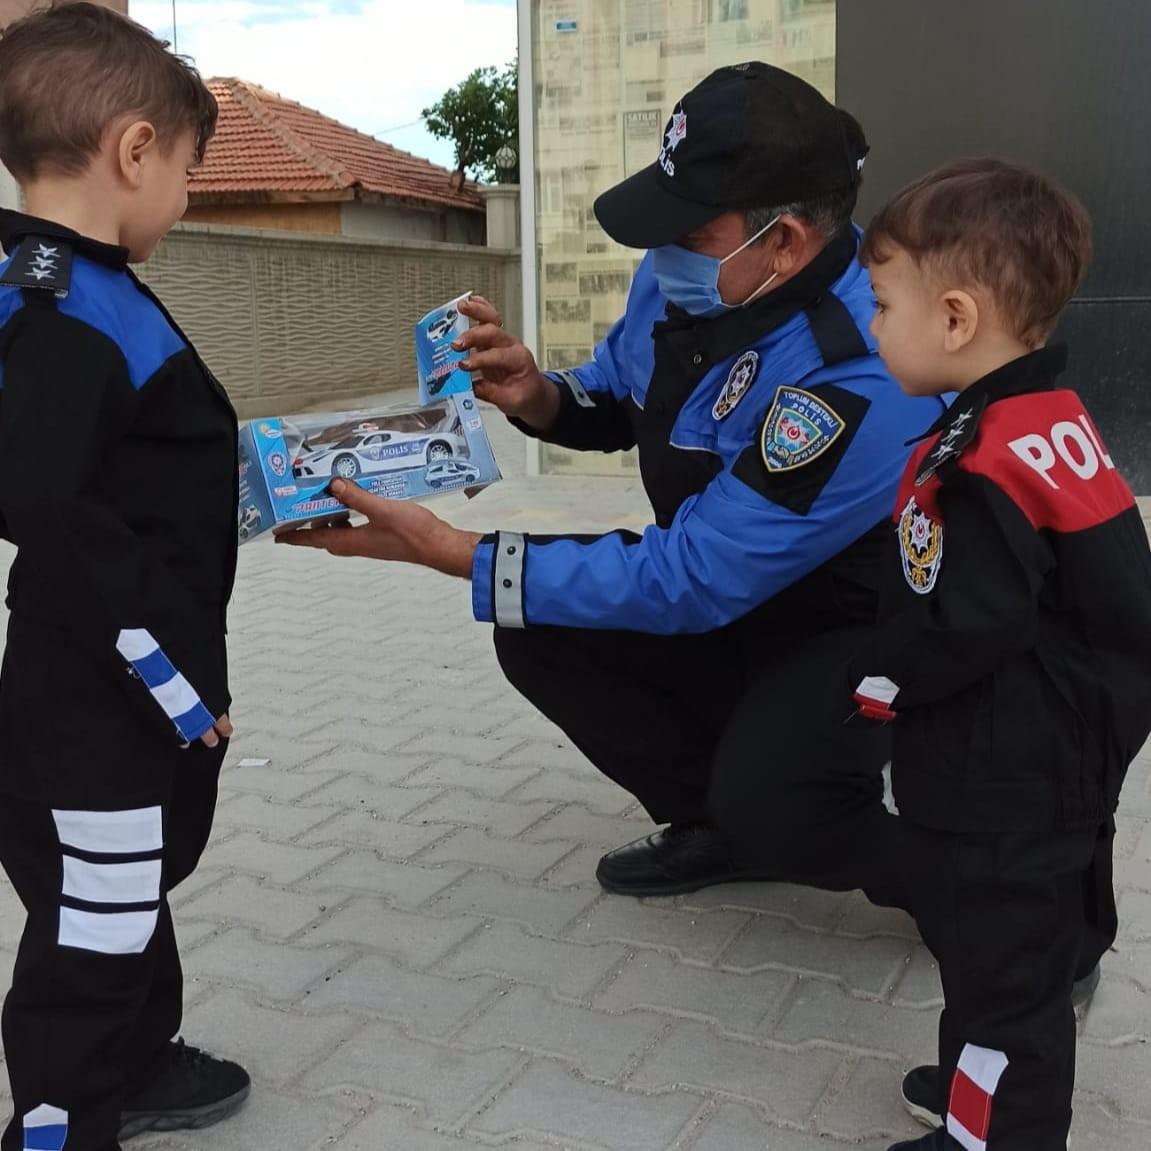 2021/10/konya-polisi-kucuk-eymen-ve-urasin-hayalini-gerceklestirdi-20211008AW43-1.jpg